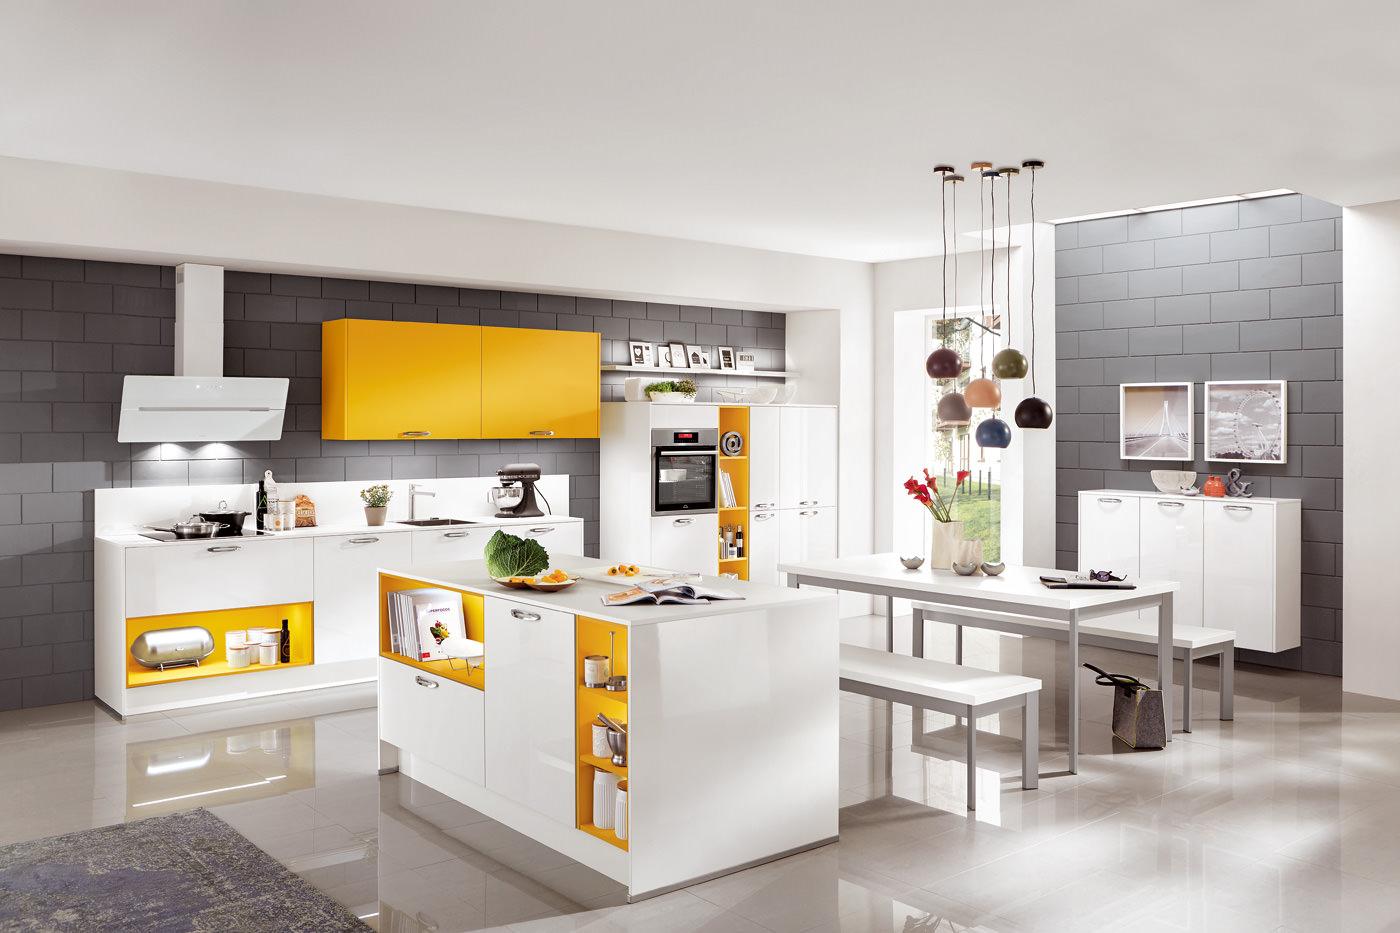 kchen weiden fabulous anzeige kchen liegl with kchen weiden amazing great beautiful beautiful. Black Bedroom Furniture Sets. Home Design Ideas